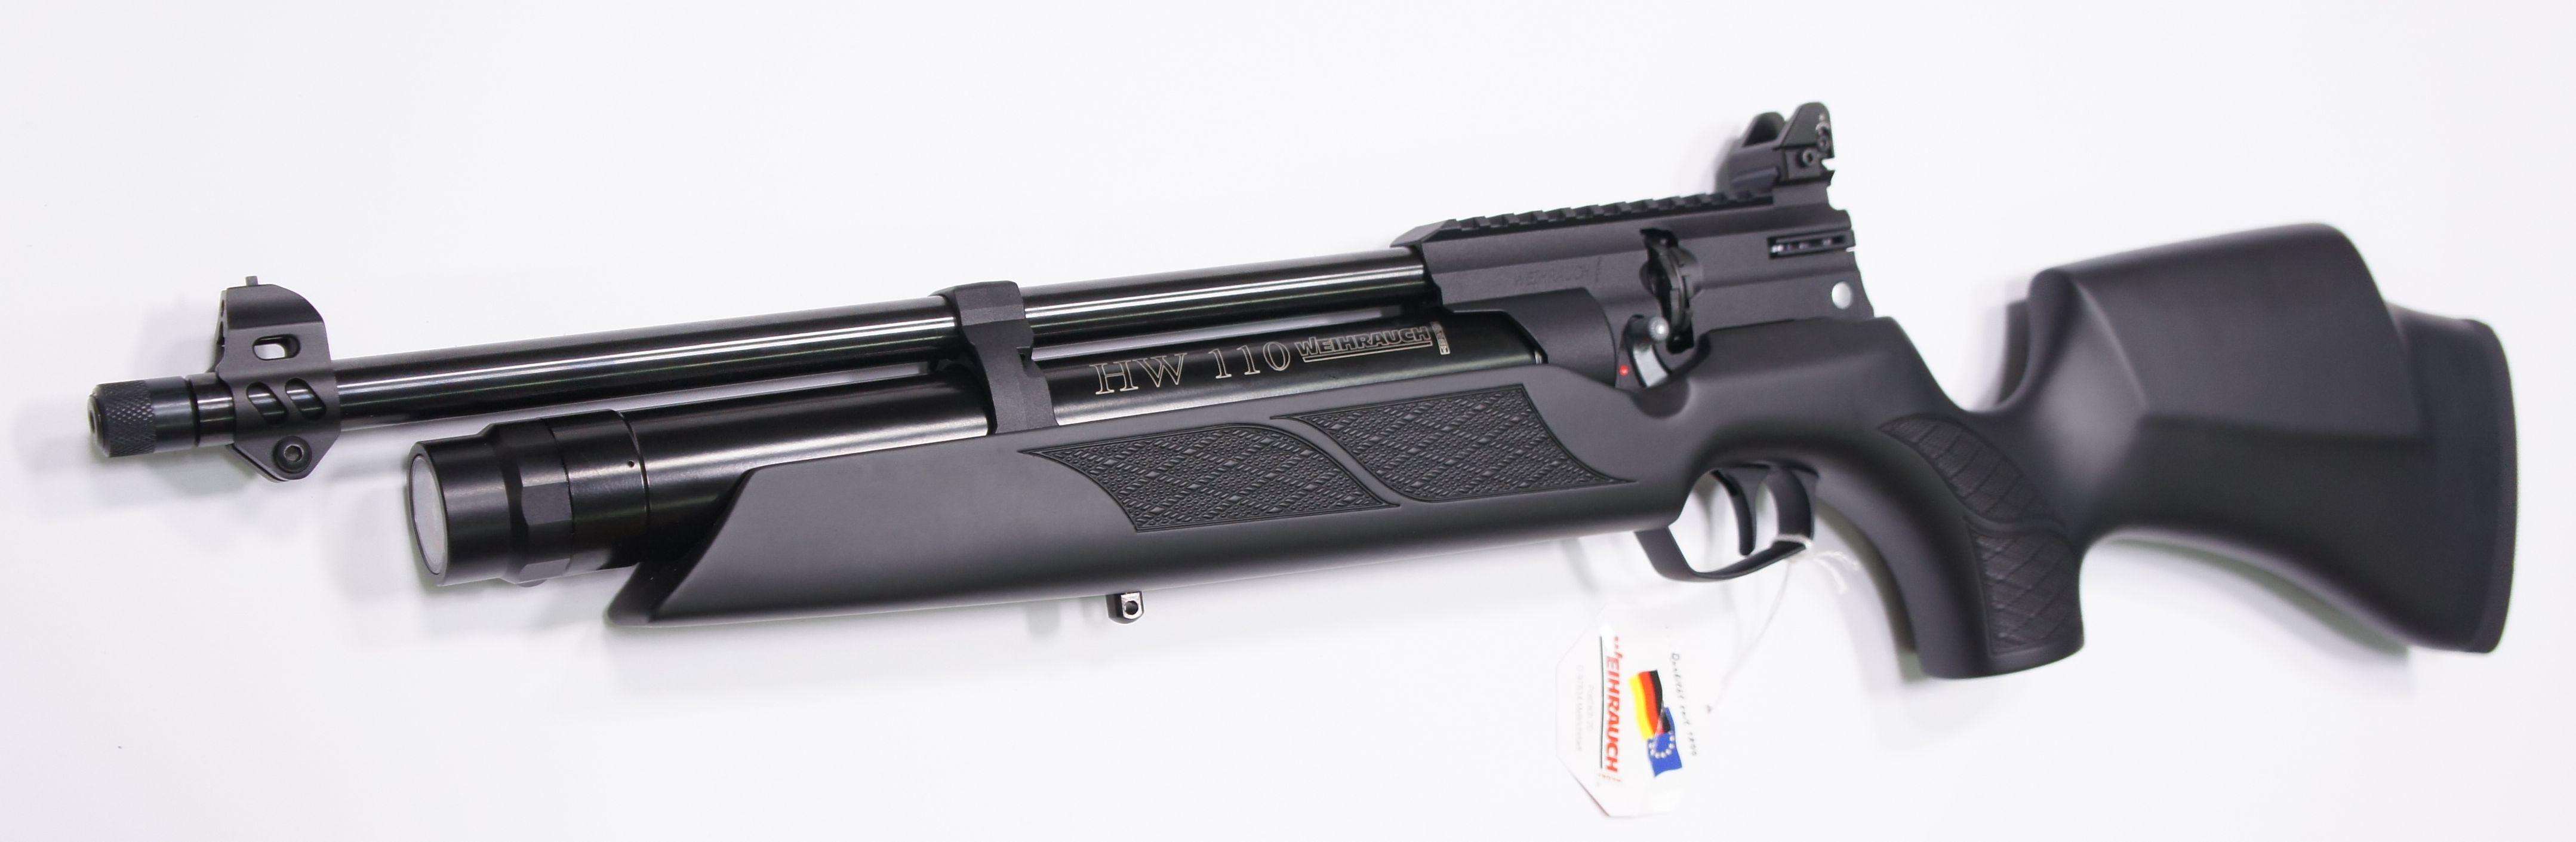 Luftgewehr Weihrauch HW 110 carbine